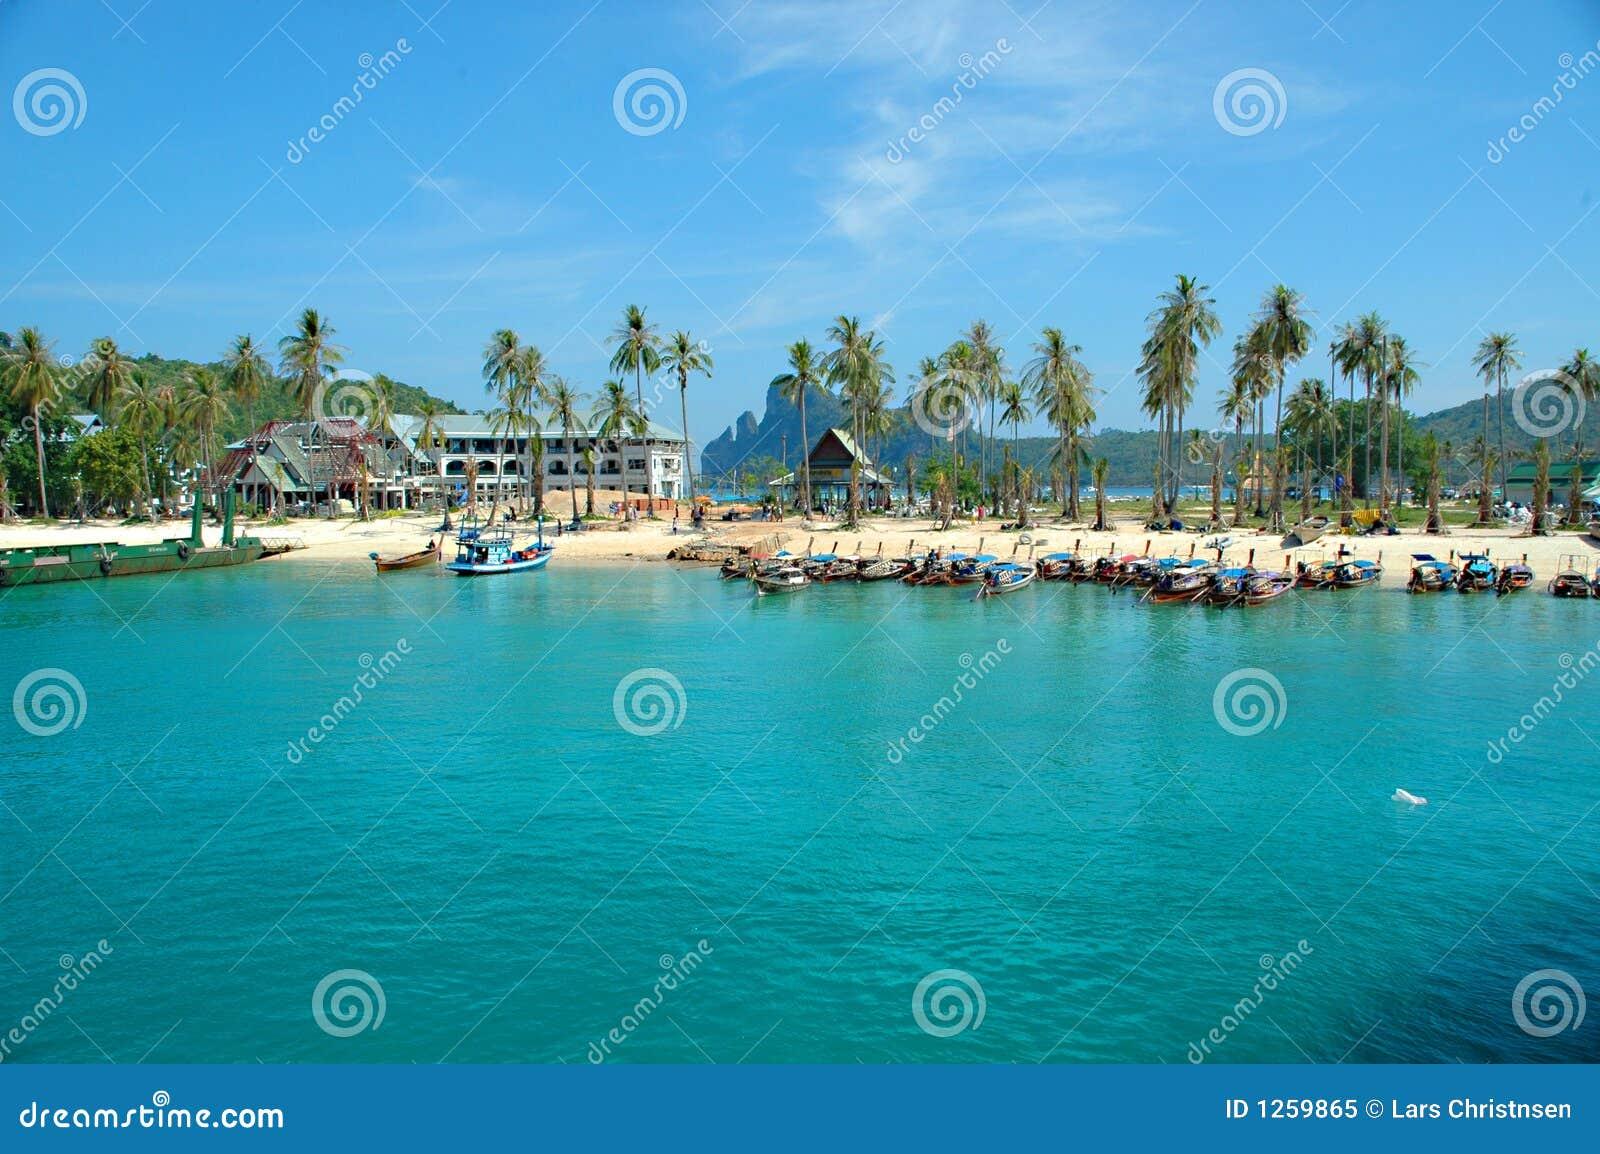 Barche, spiaggia e paradiso.